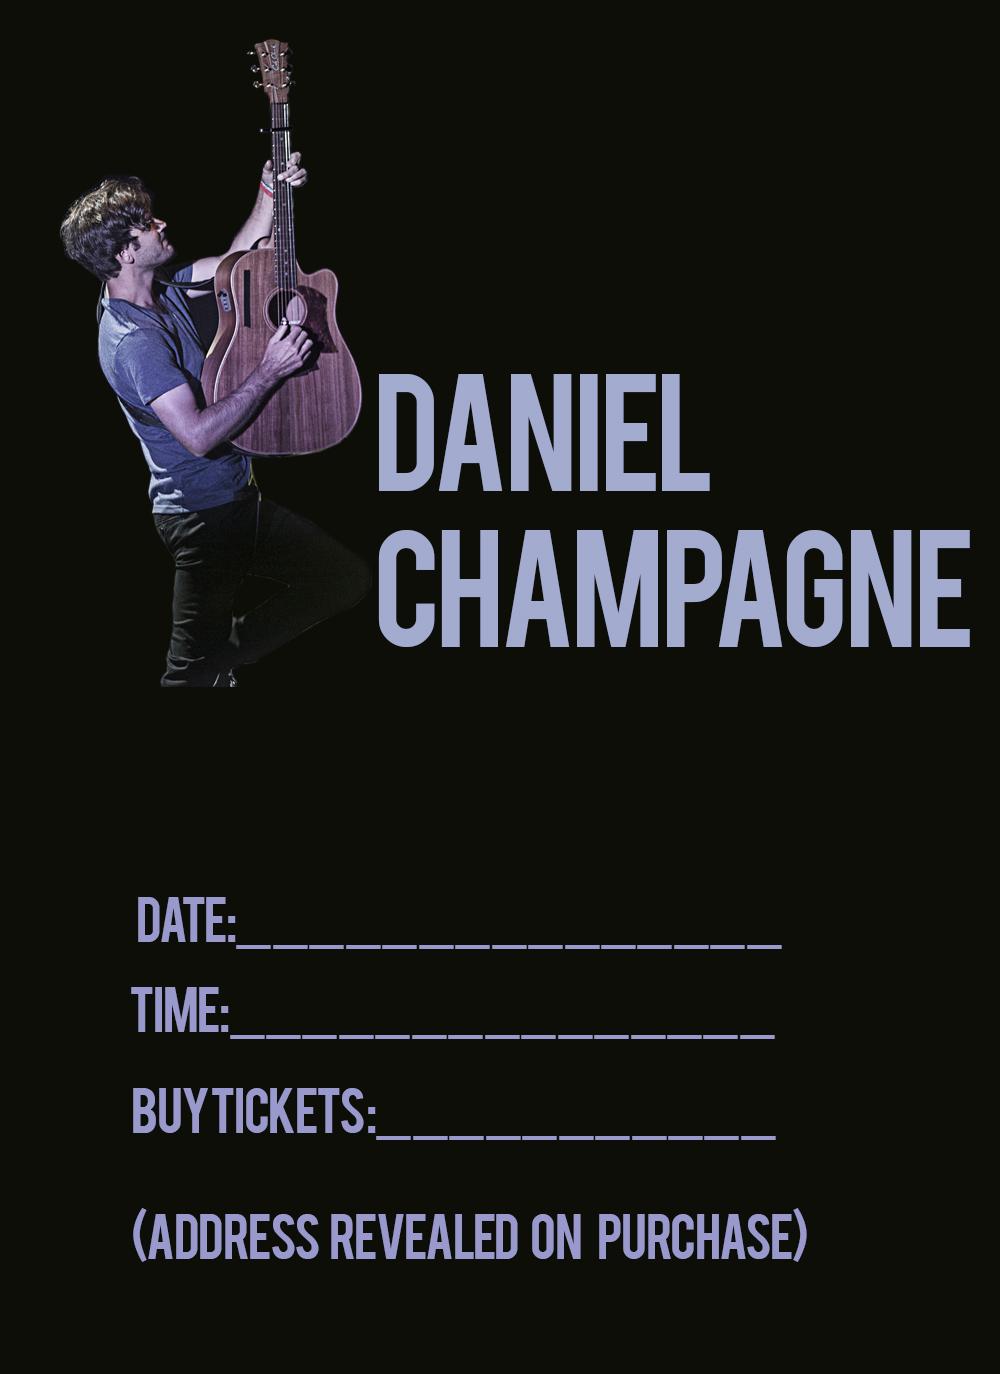 Dan Champ Poster.jpg